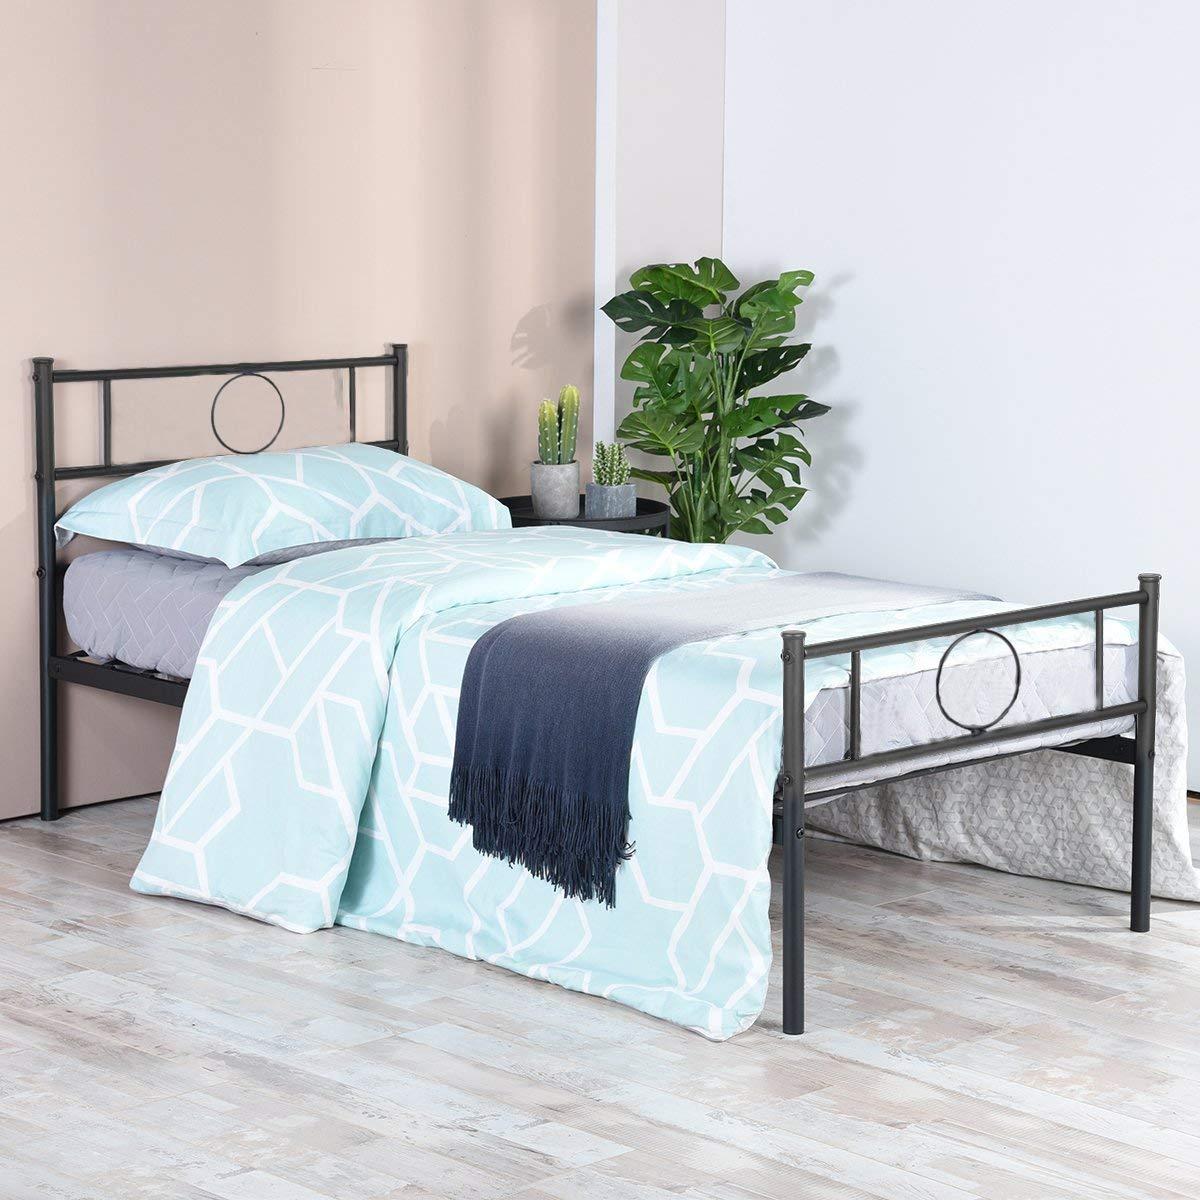 aingoo lit simple en m tal design 1 place cadre de structure m tallique comfort inspid co. Black Bedroom Furniture Sets. Home Design Ideas